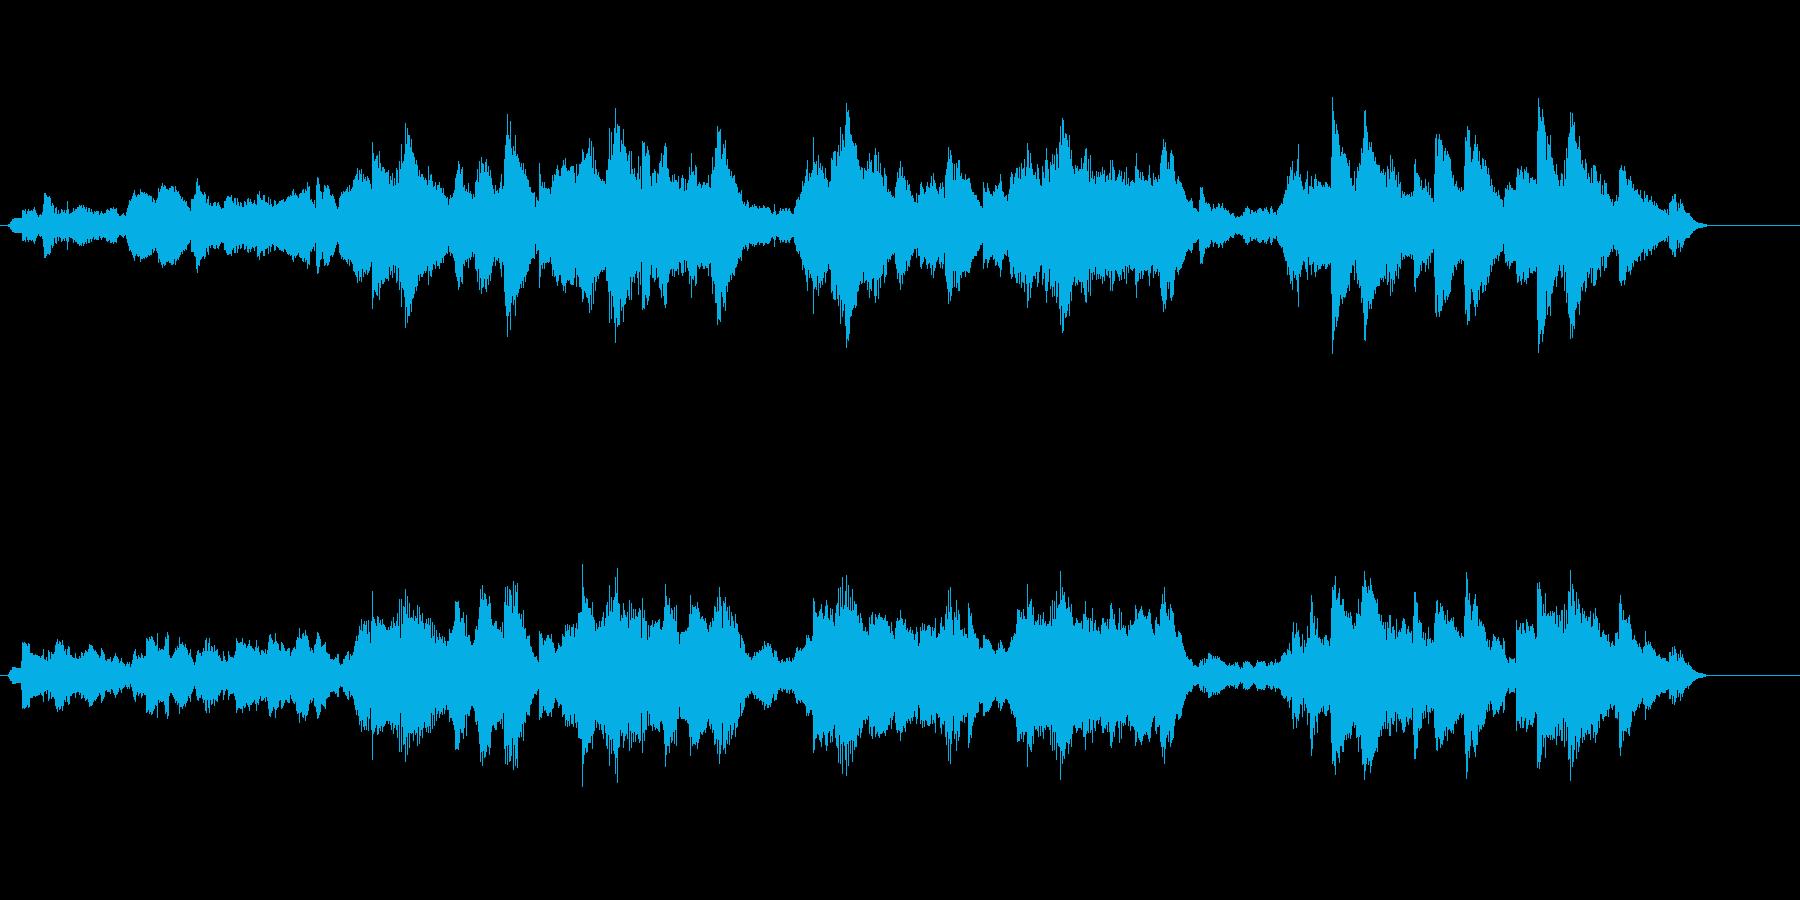 浮遊感のある幻想的なBGMの再生済みの波形